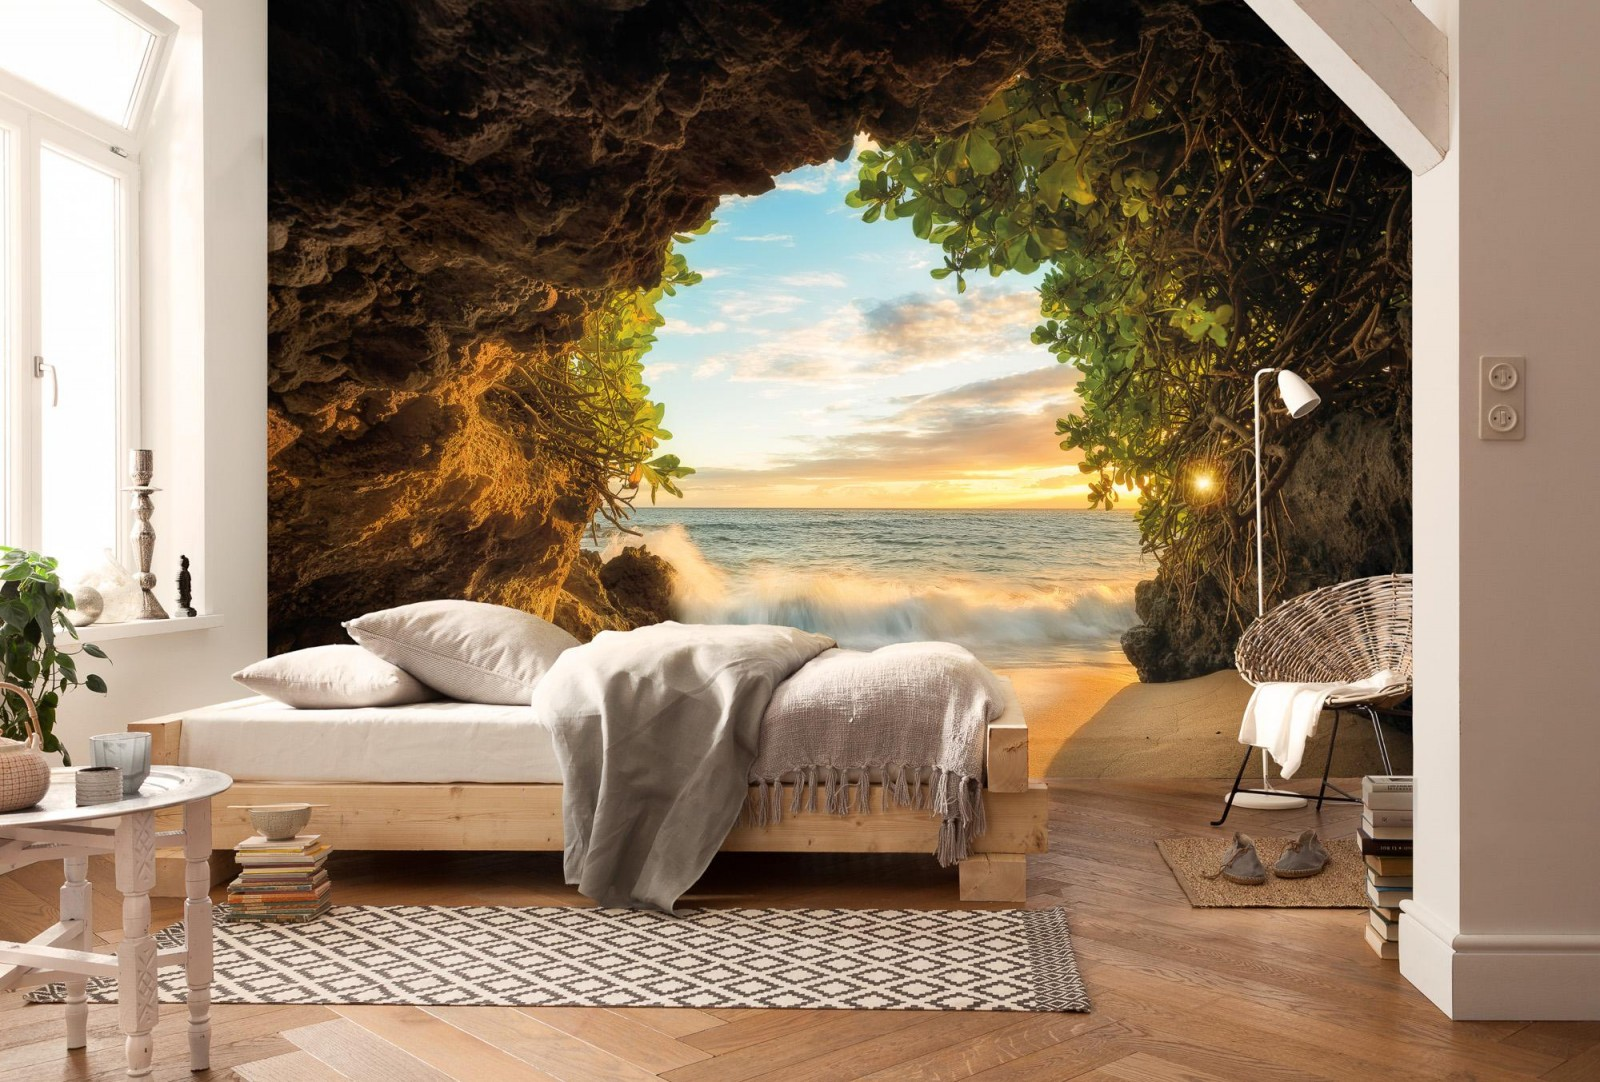 Schlafzimmerwandgestaltung Lass Dich Inspirieren von Schlafzimmer Ideen Wandgestaltung Bild